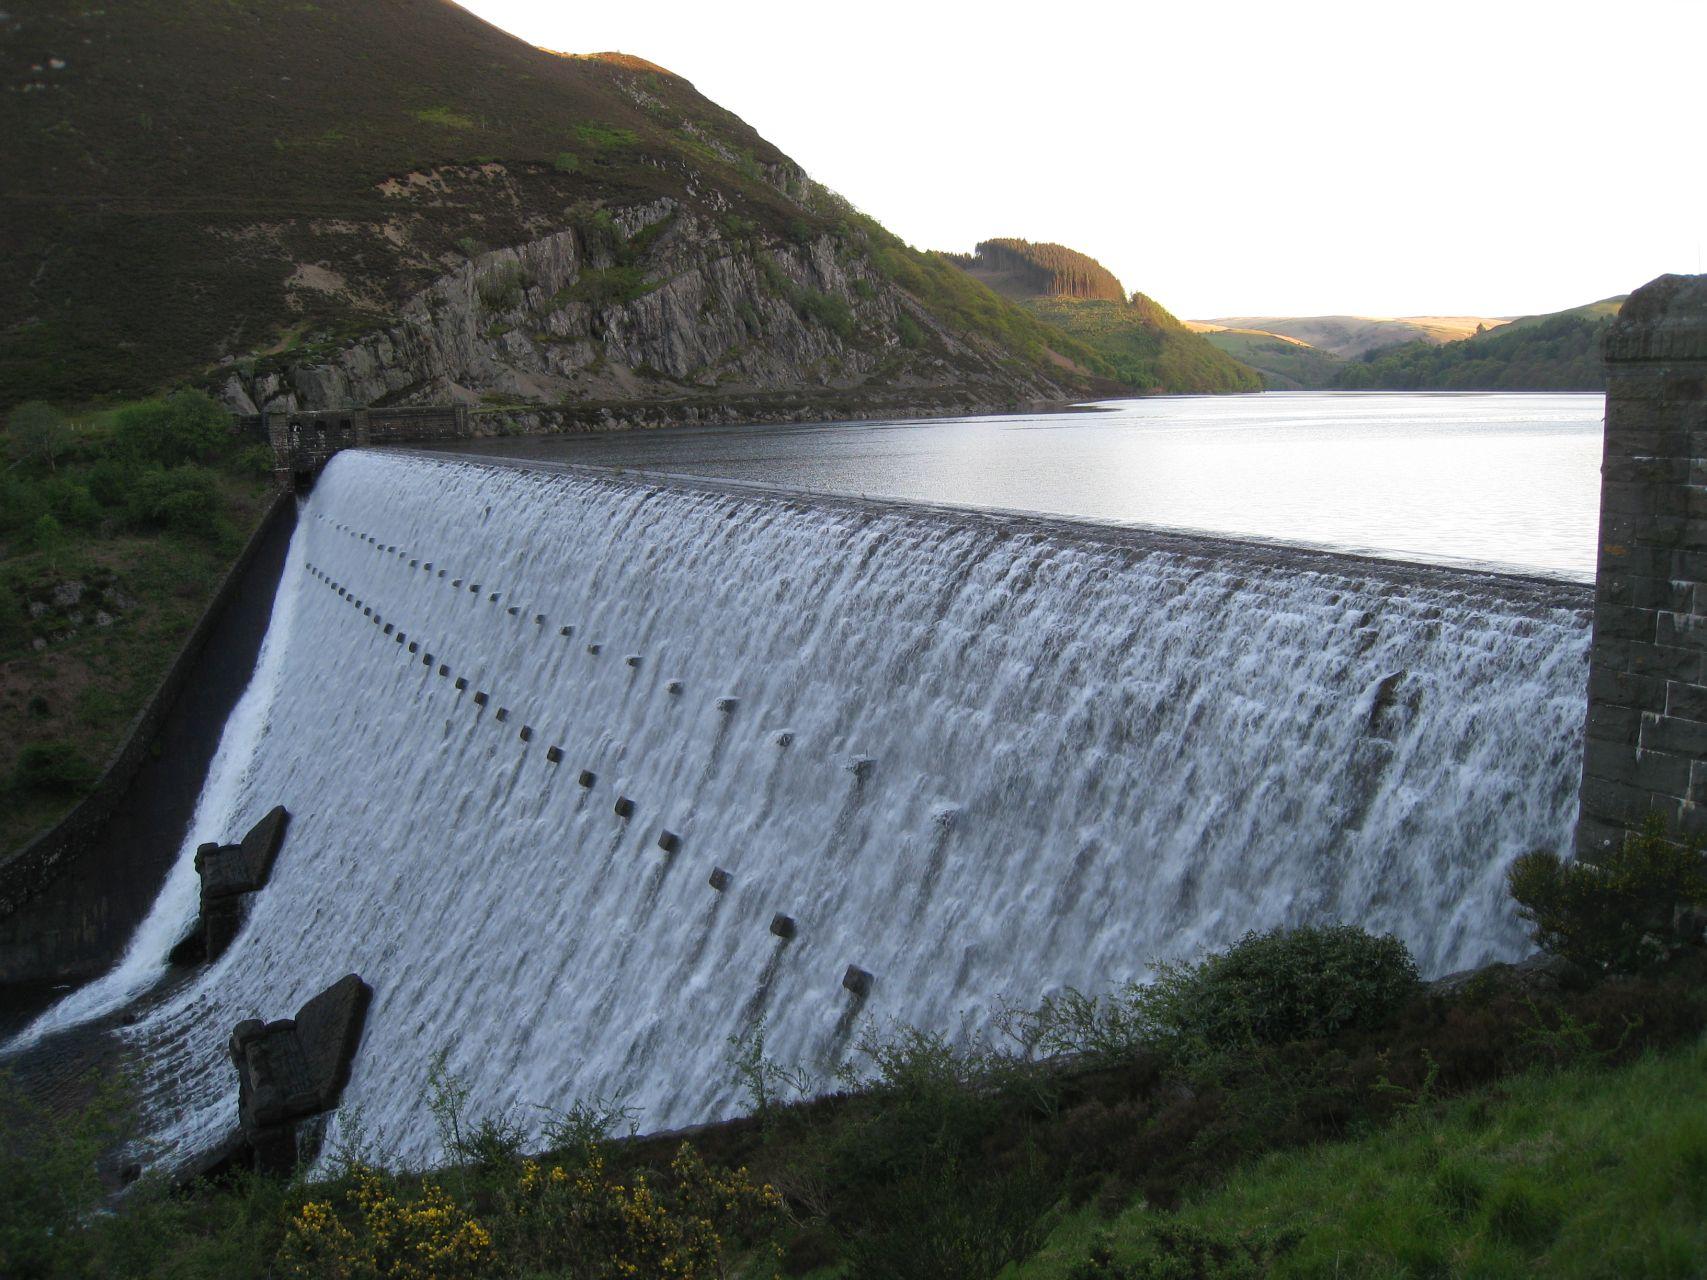 Day 5 - Garreg-ddu / Caban-coch reservoir dam © Paul Bonwick